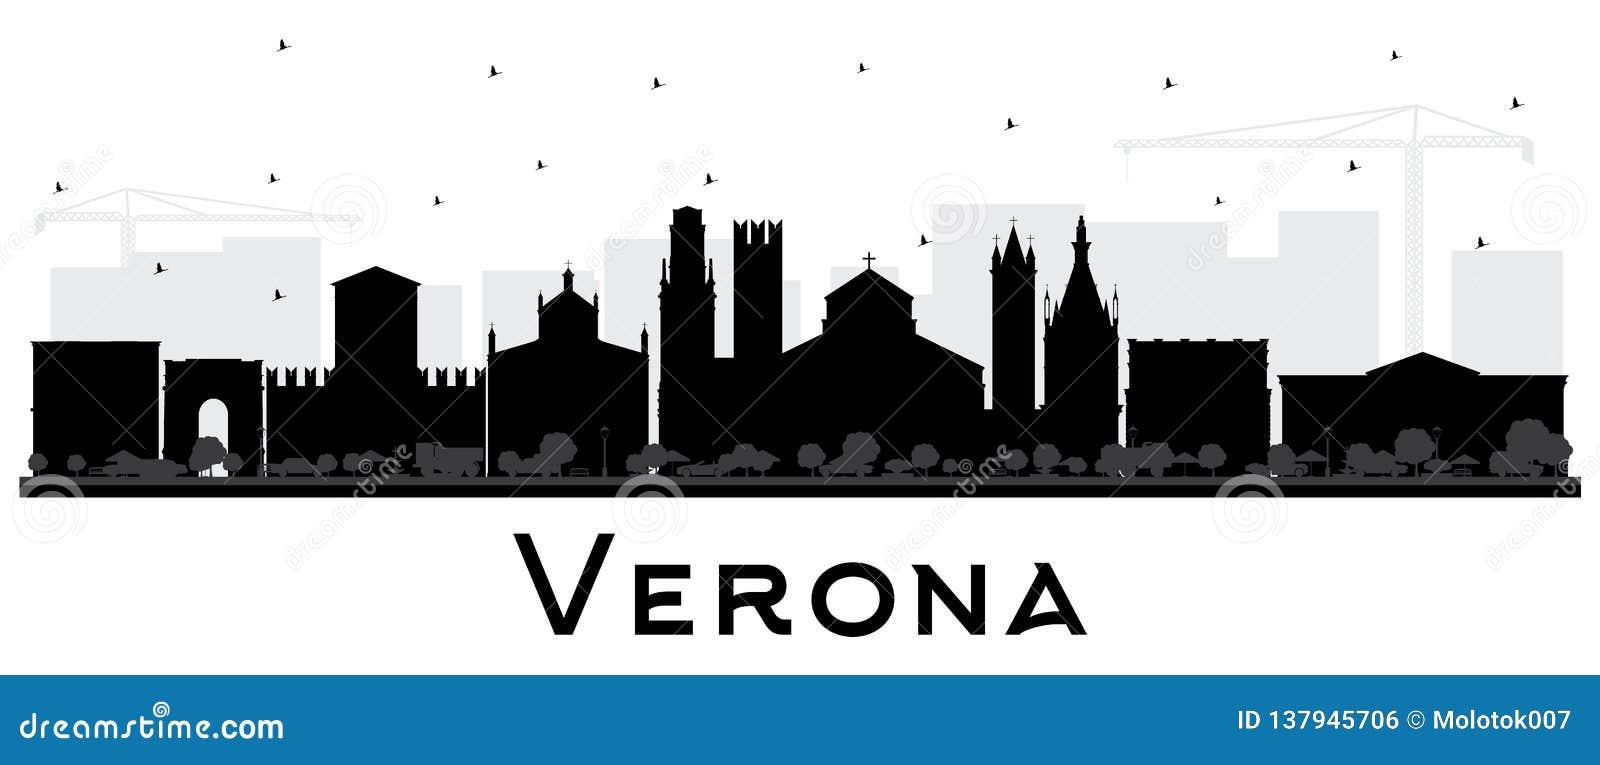 Verona Italy City Skyline Silhouette med svarta byggnader som isoleras på vit